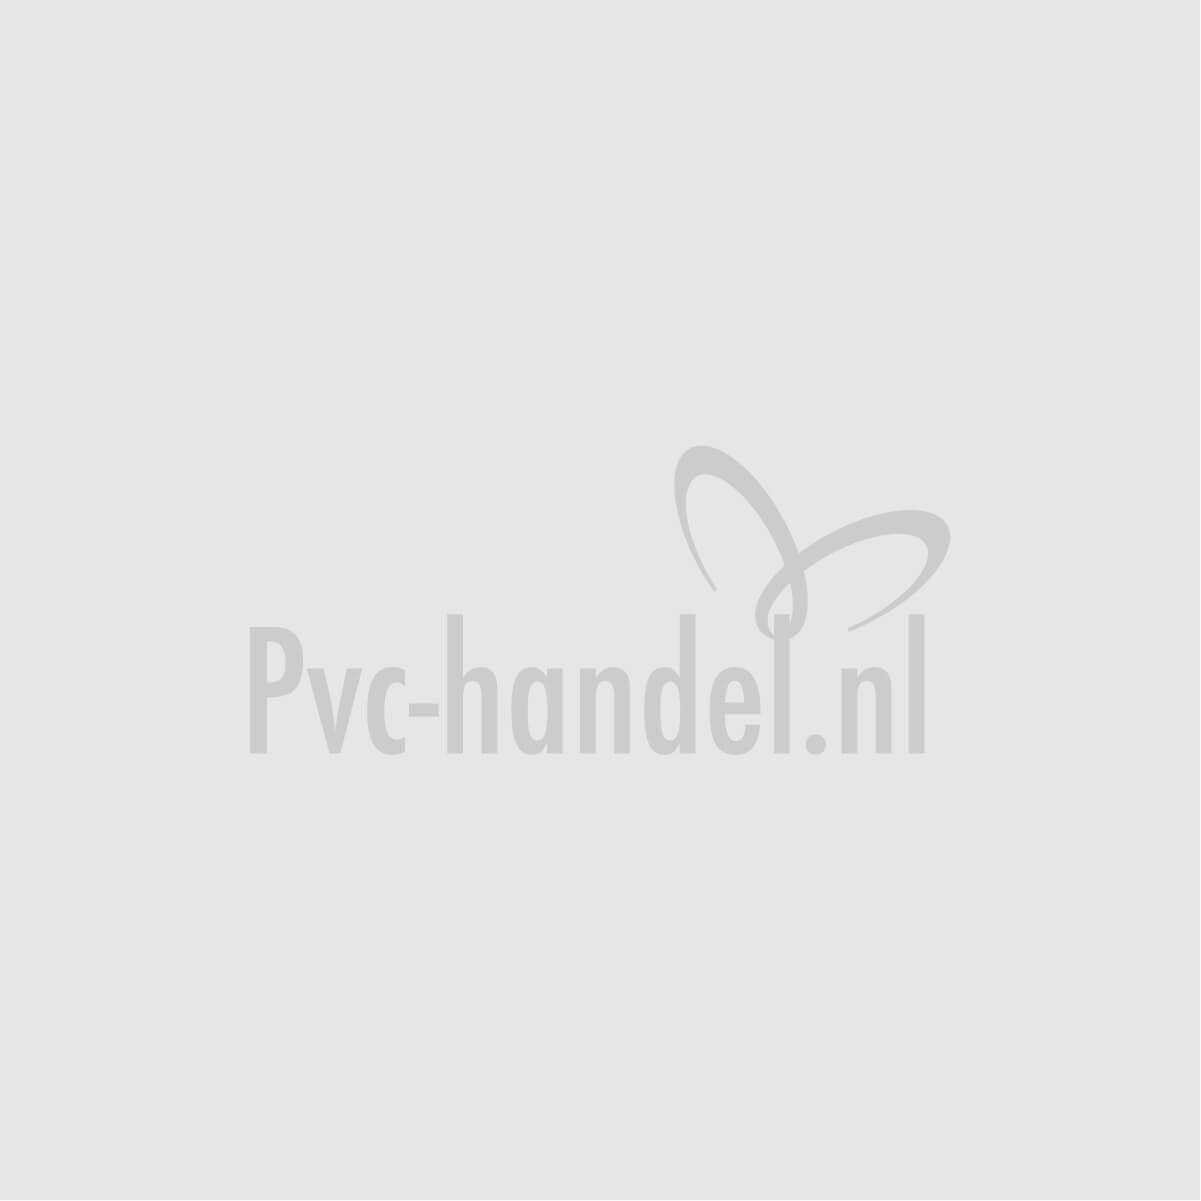 Riool rubber overgangsnippels